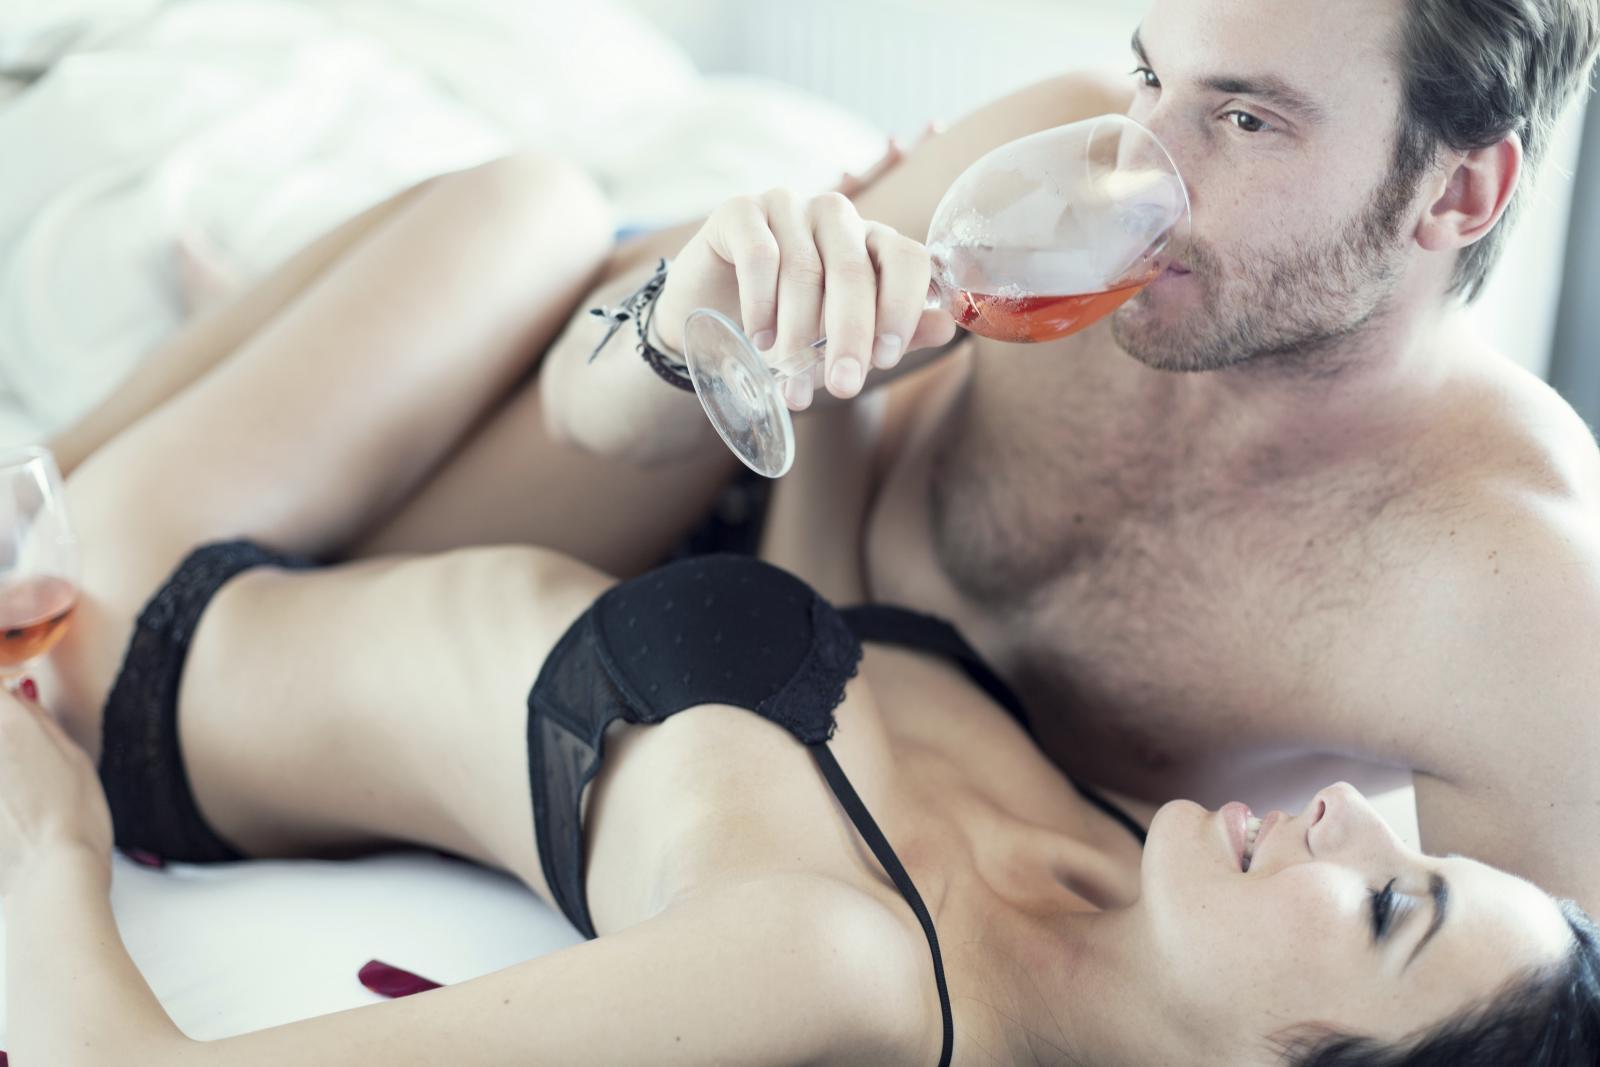 Pretjerate li s pićem, a još gore, prijeđe li vam konzumacija alkohola u naviku, vaš bi seksualni život mogao ostati samo u lijepom sjećanju.